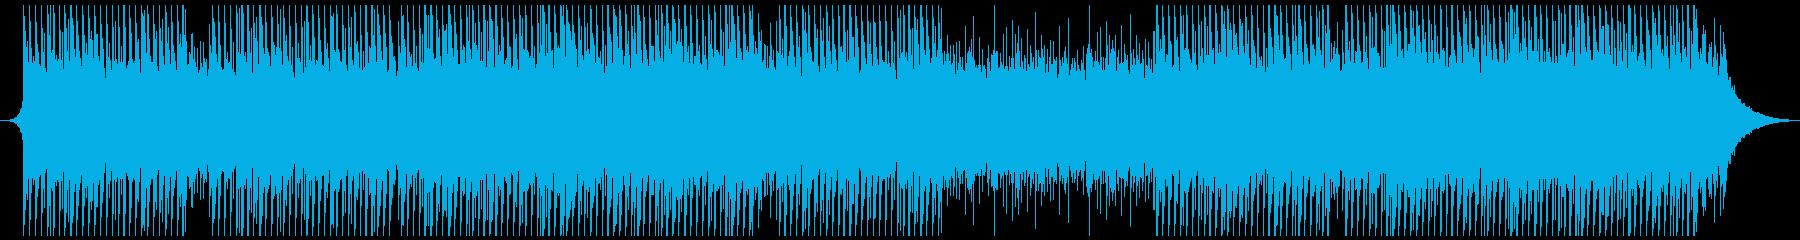 やる気にさせるモチベーション音楽の再生済みの波形